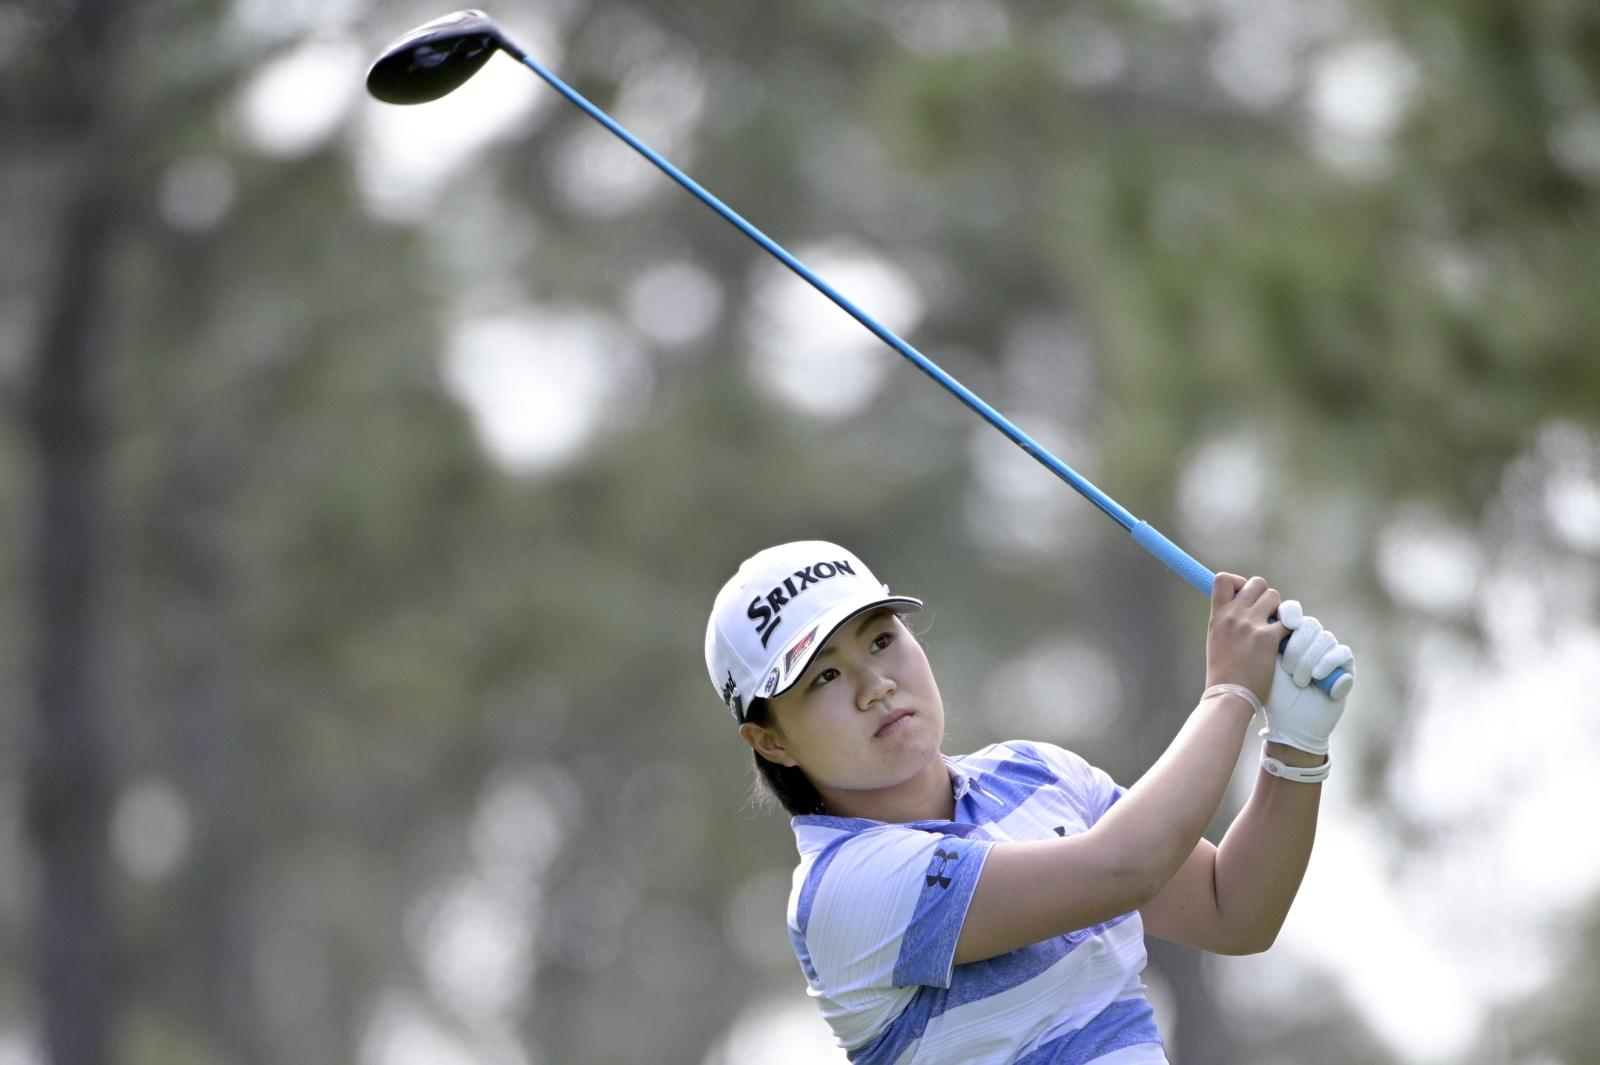 Zawody w golfa fot. EPA/PHELAN EBENHACK